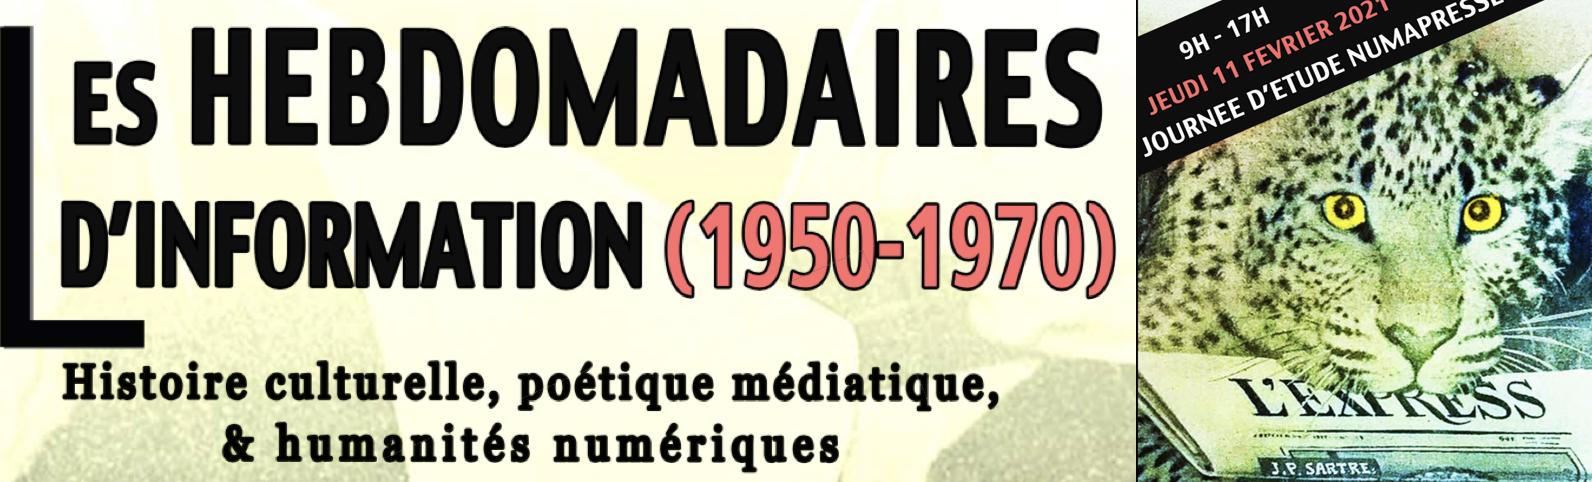 Journée d'étude sur les hebdomadaires d'information (1950-1970) [En ligne et à Montpellier]